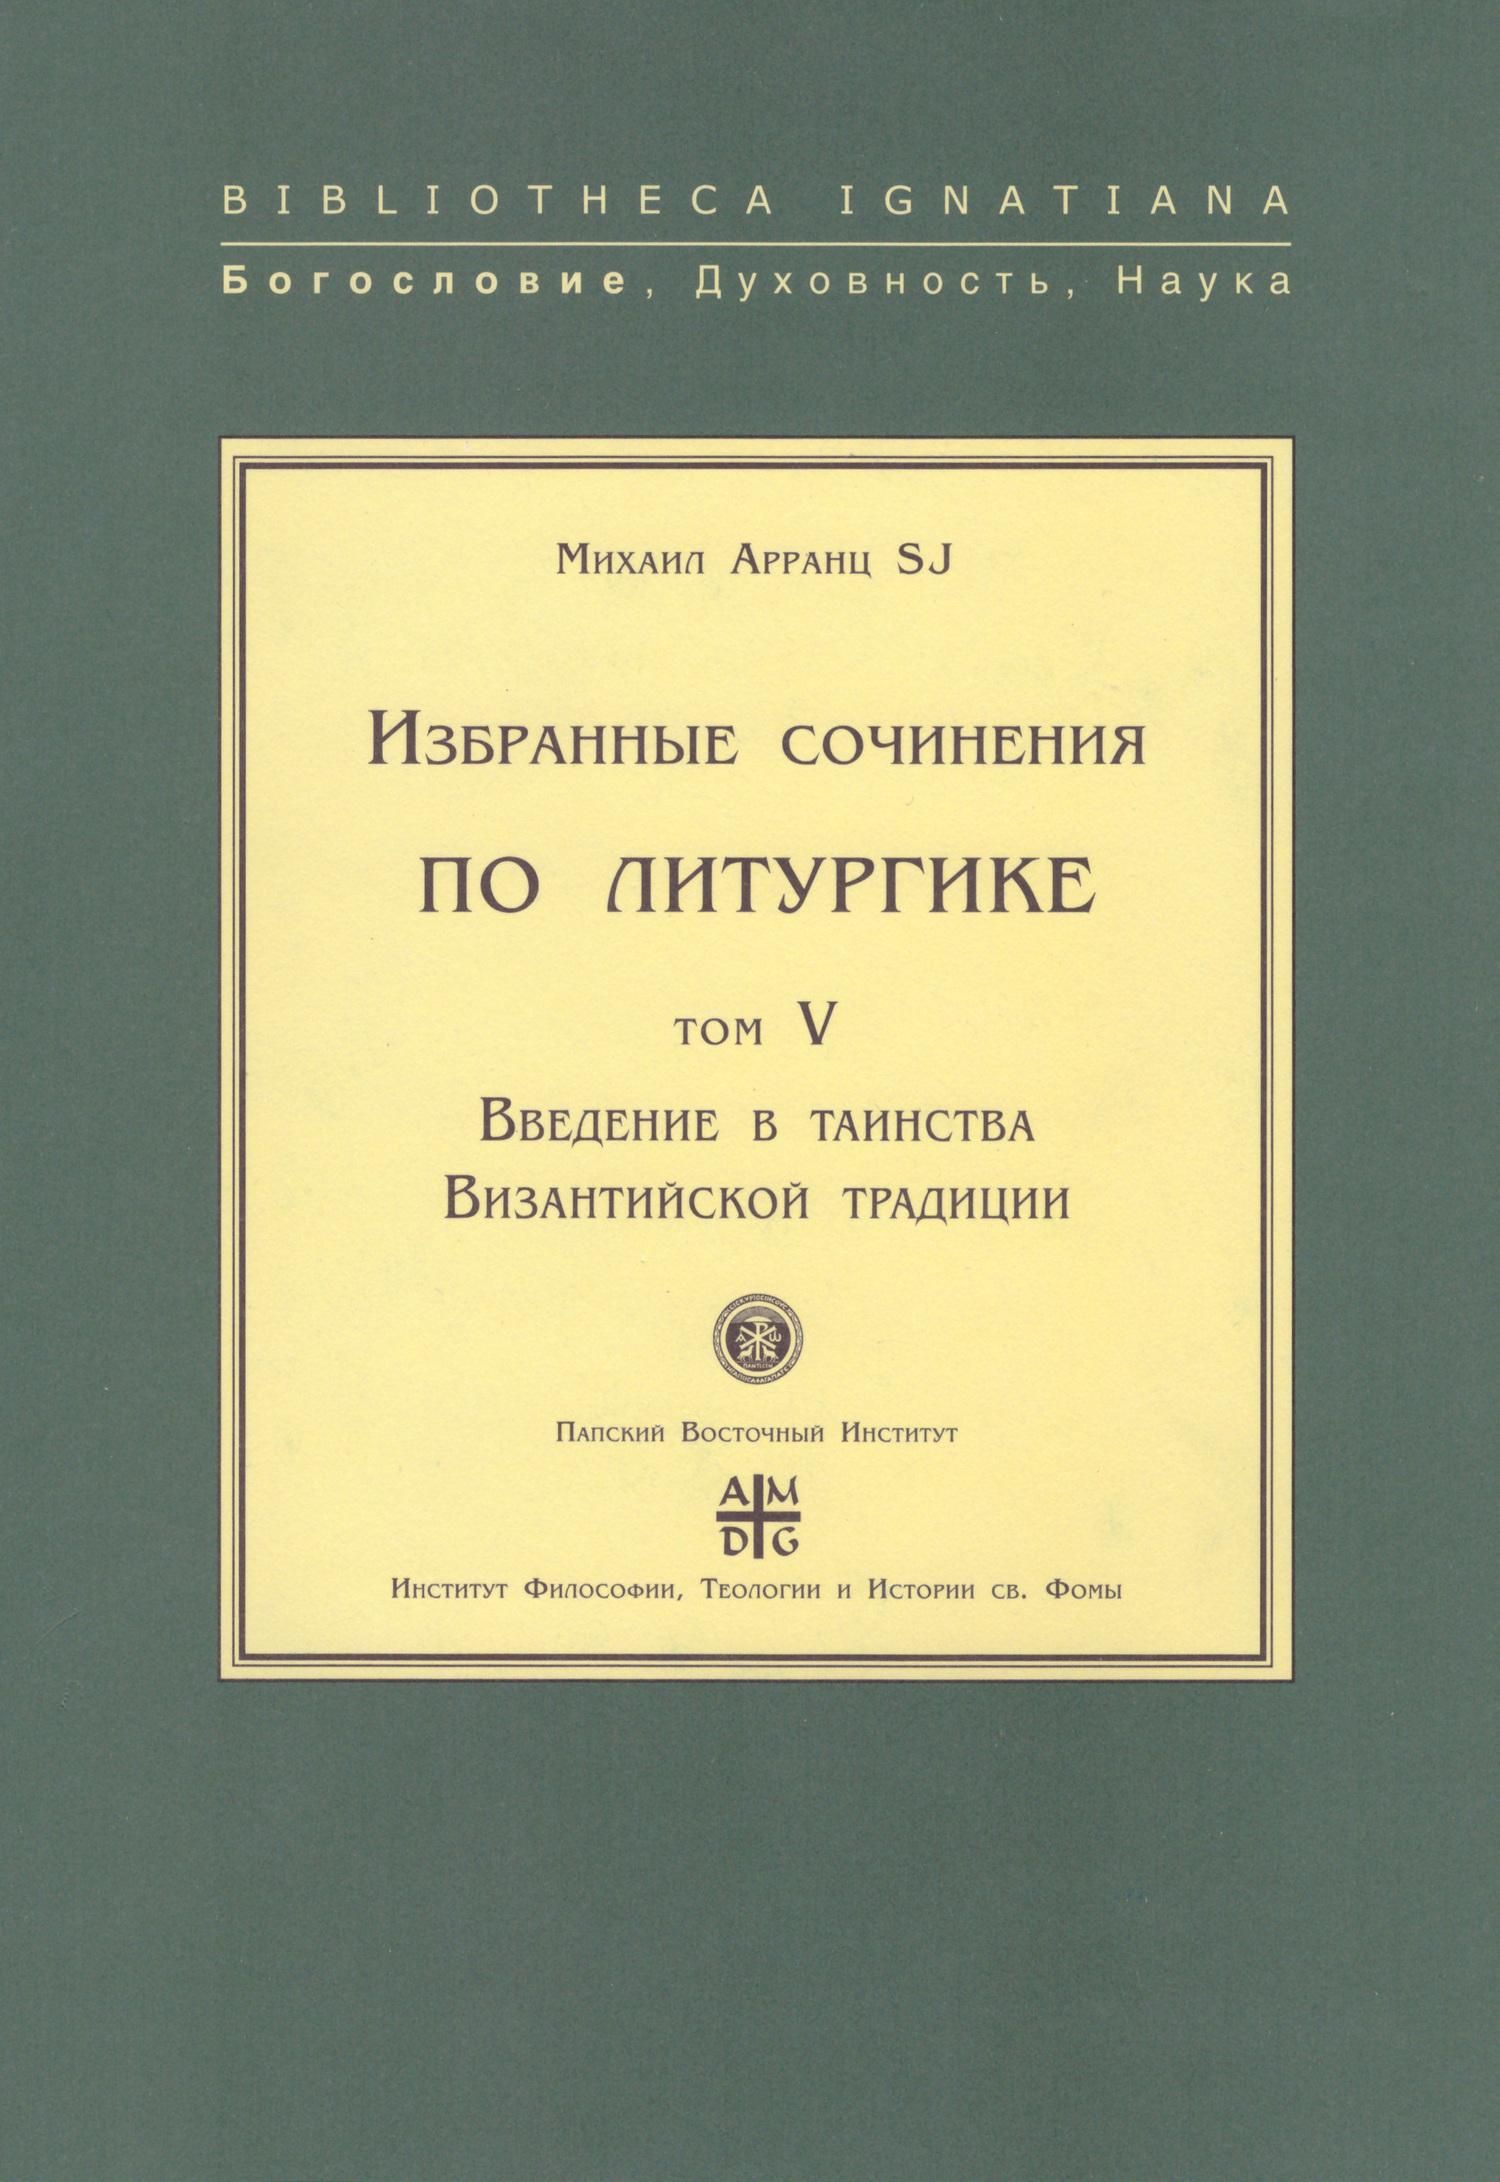 Михаил Арранц, SJ Избранные сочинения по литургике. Том V. Введение в таинства Византийской традиции